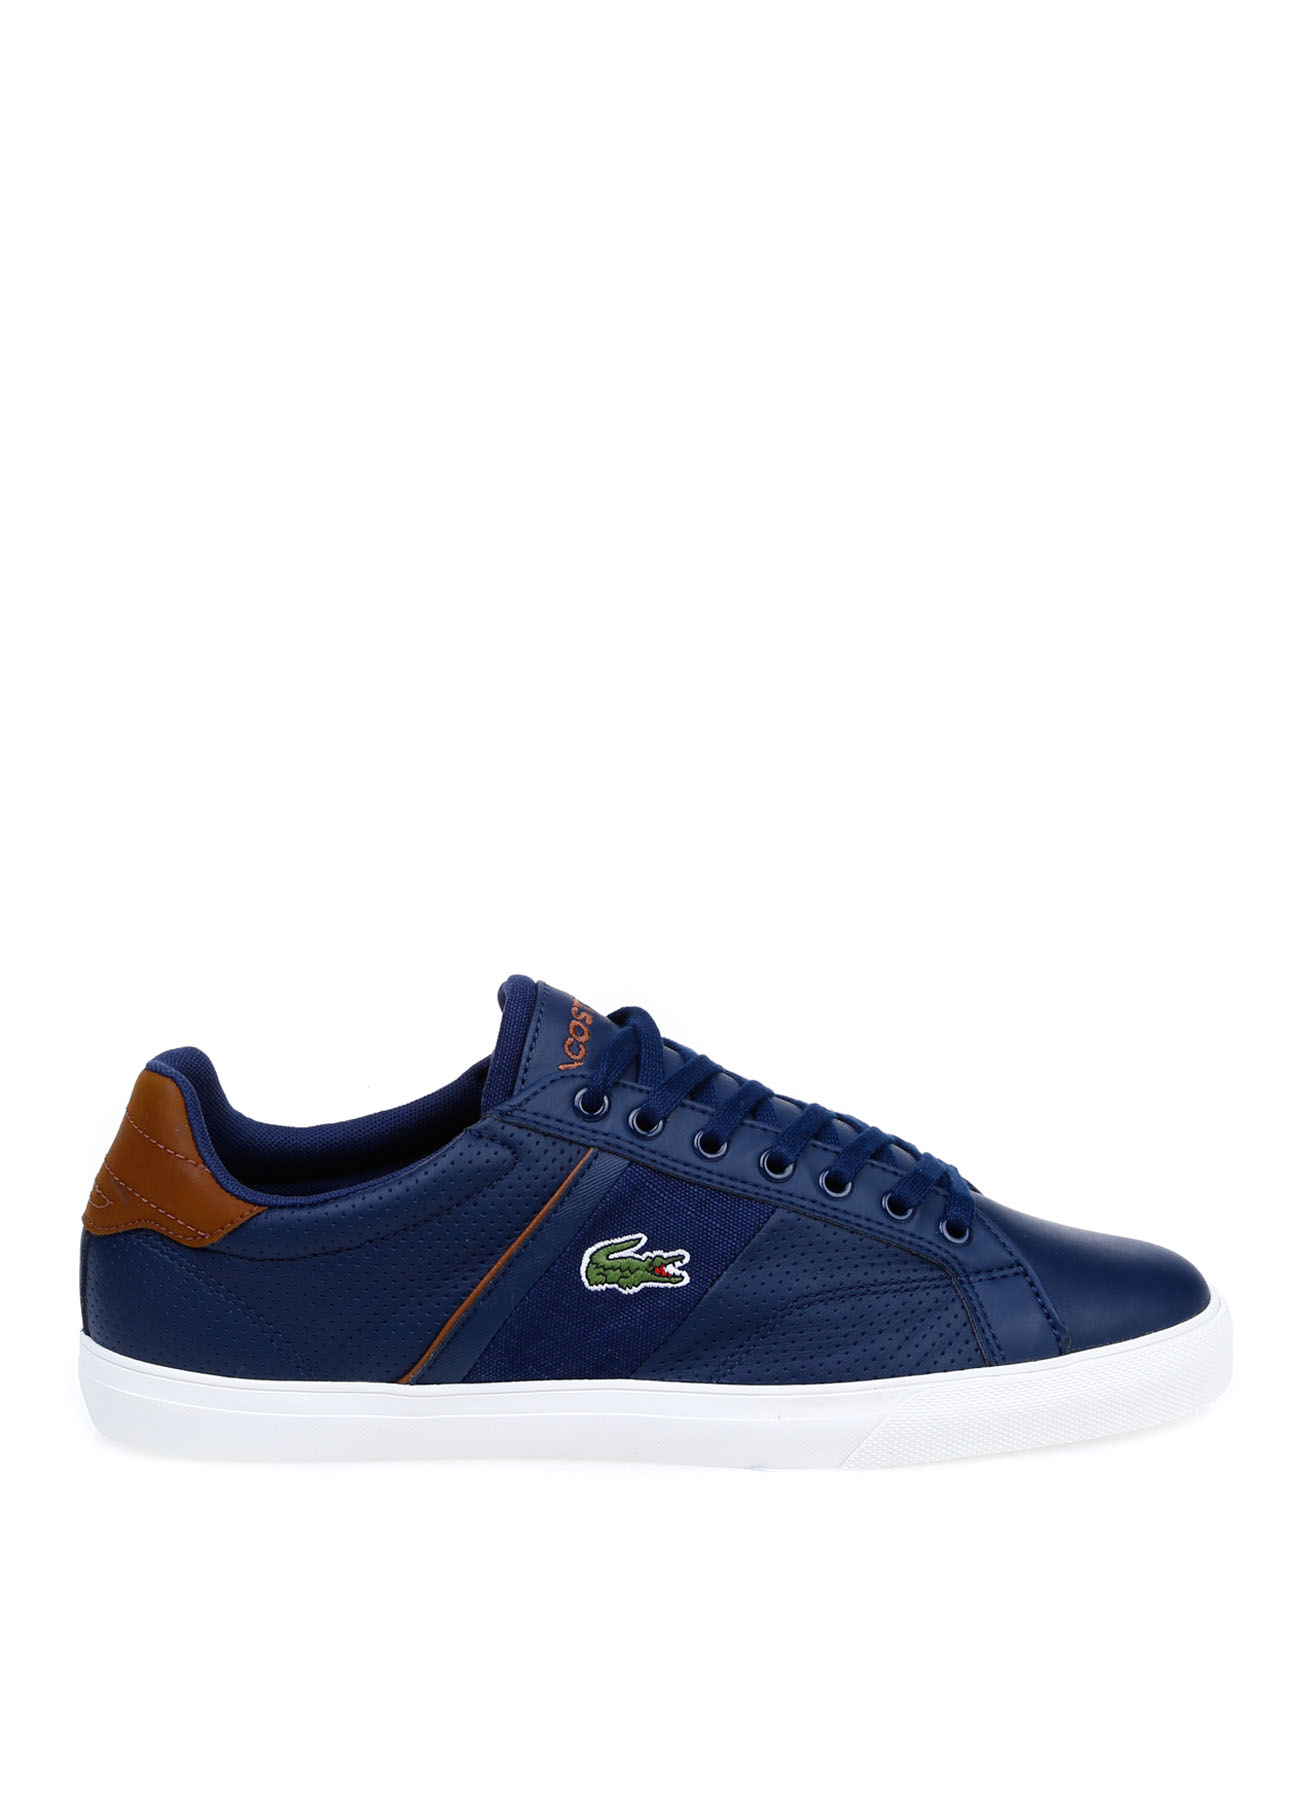 Lacoste Erkek Deri Lacivert Lifestyle Ayakkabı 43 5002314234005 Ürün Resmi